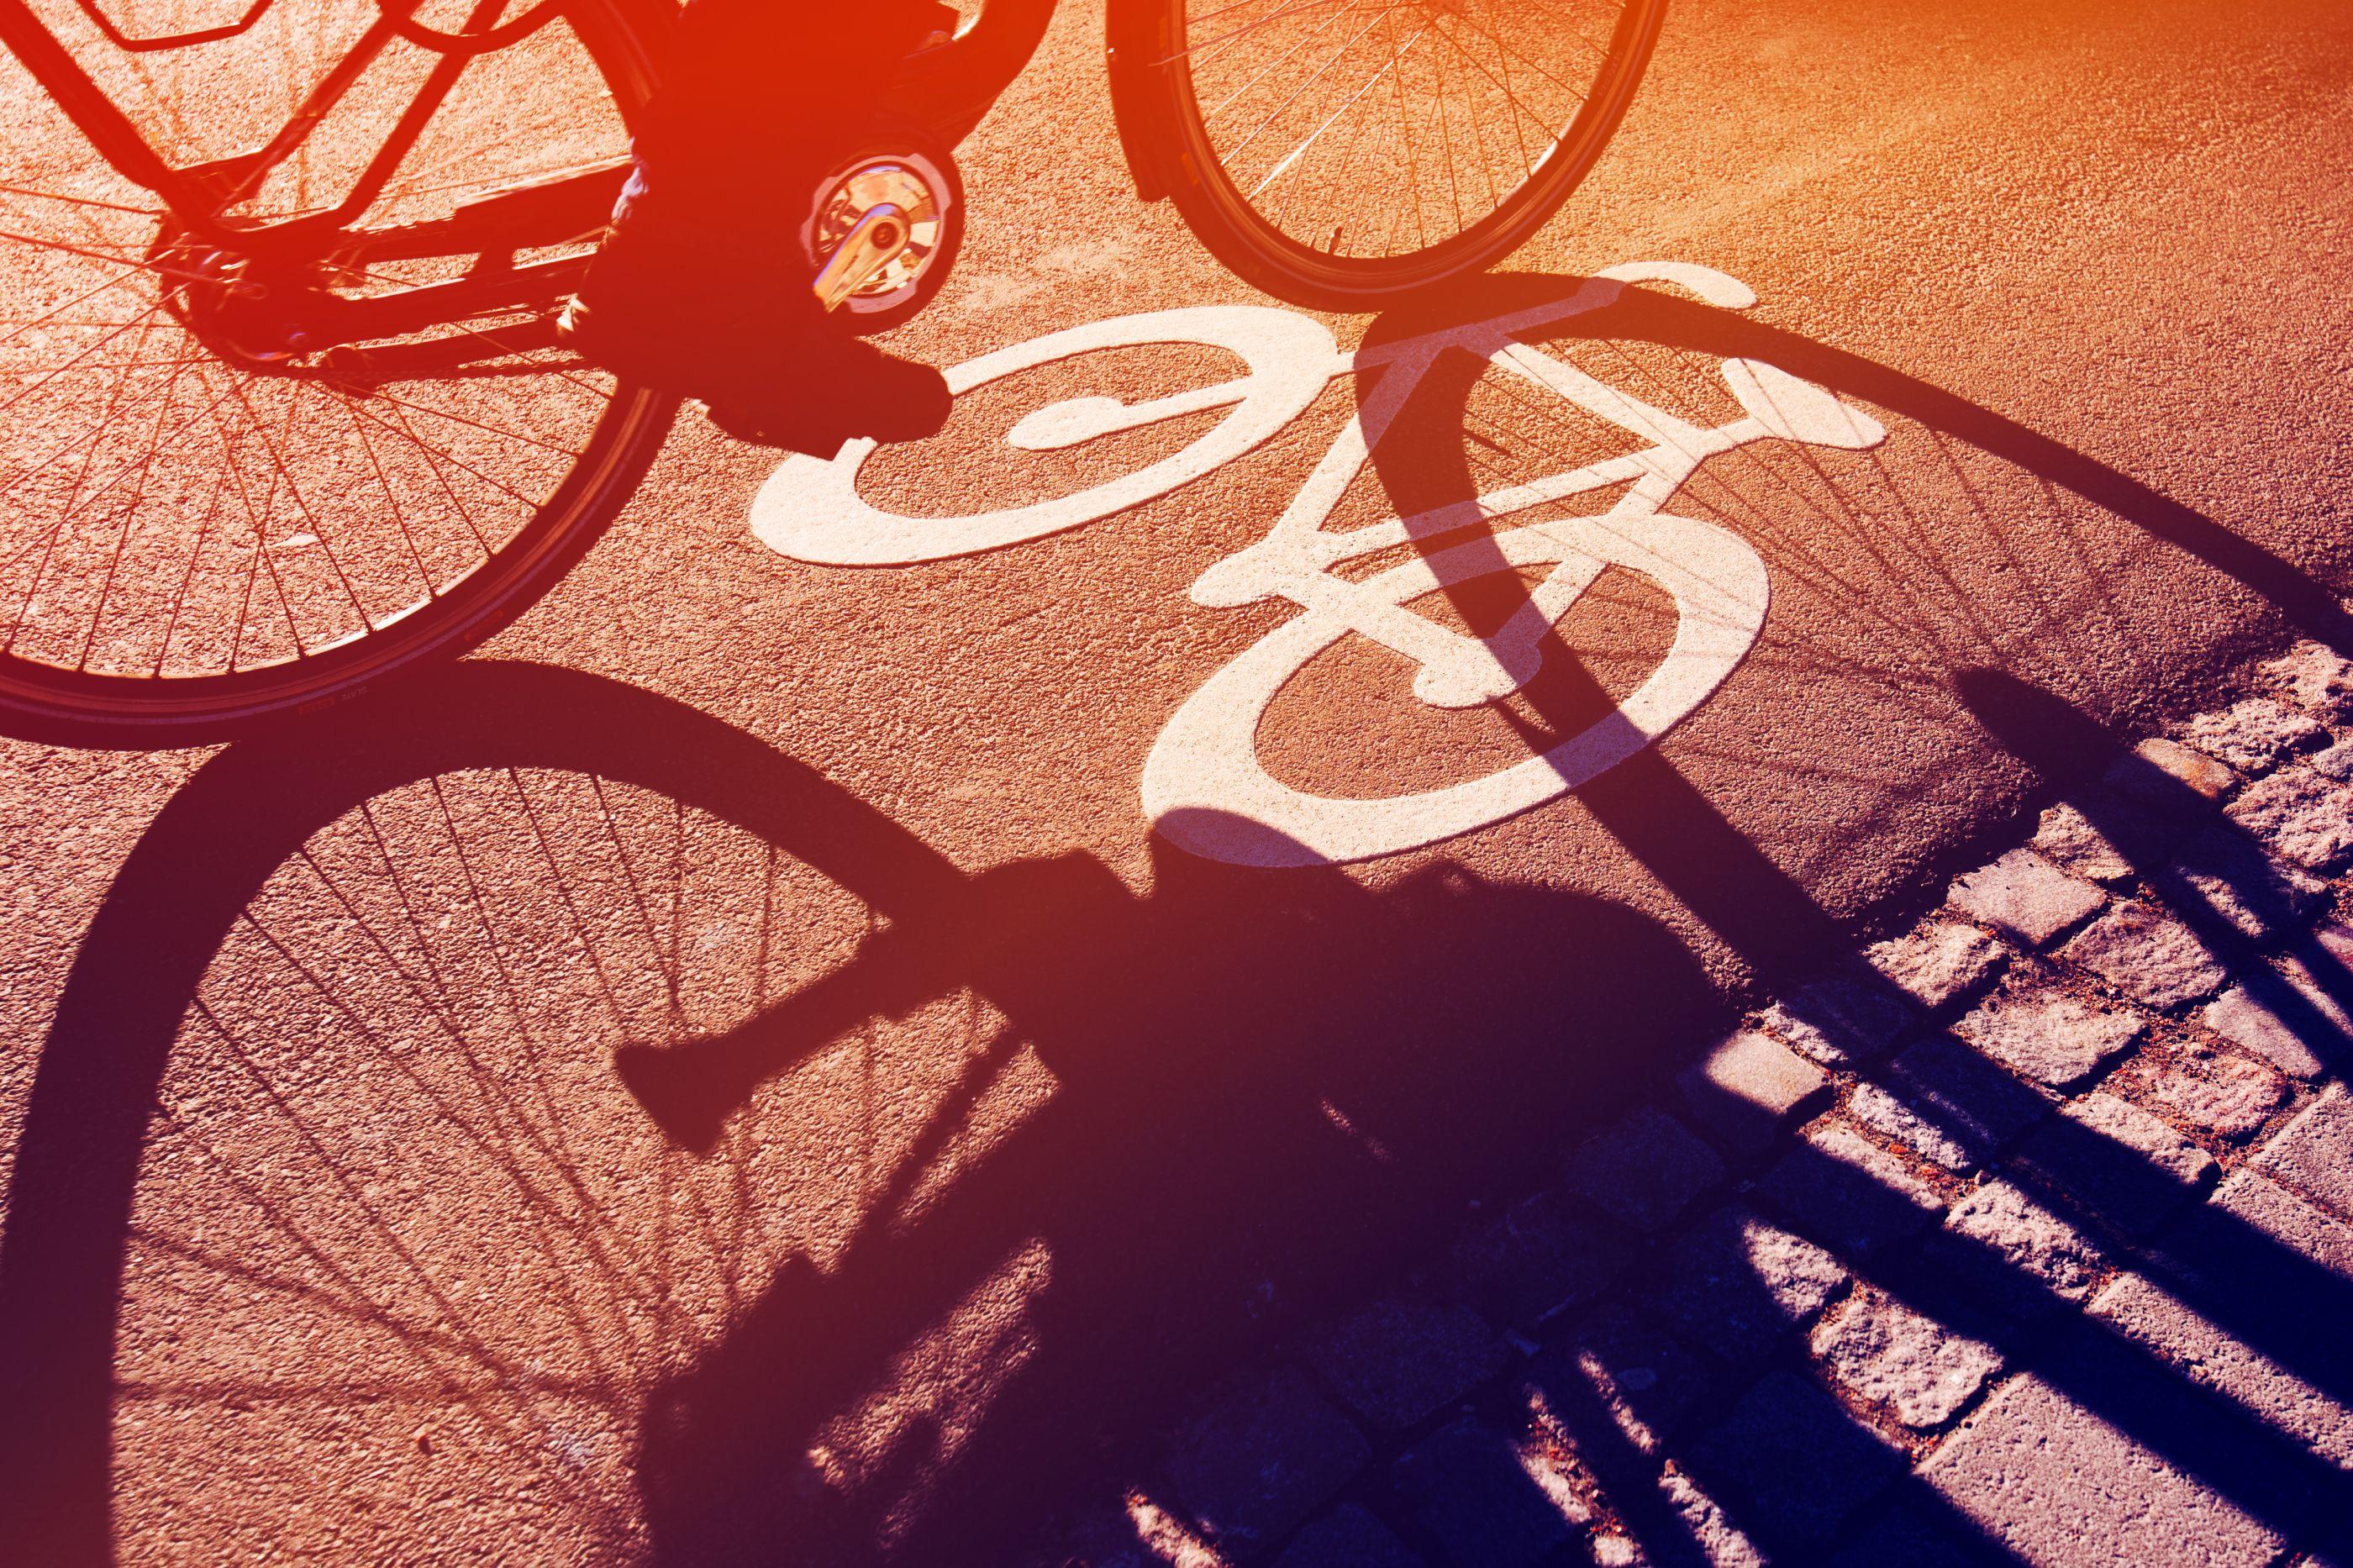 Detidas 12 pessoas em operação de fiscalização às bicicletas e trotinetes